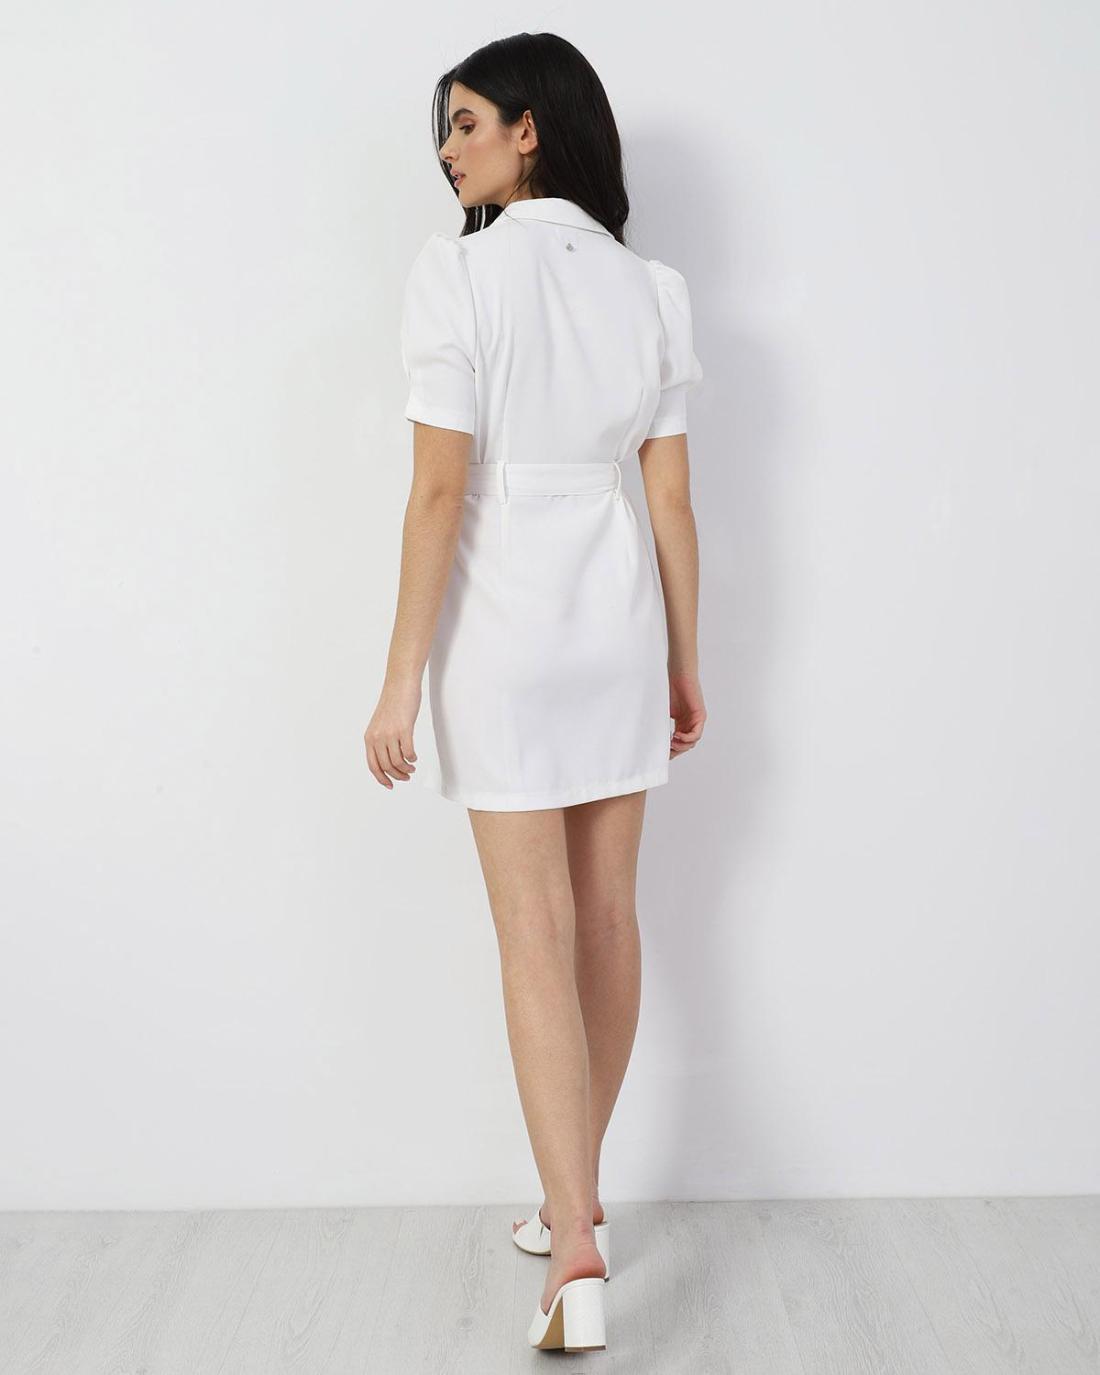 Μίνι φόρεμα άσπρο